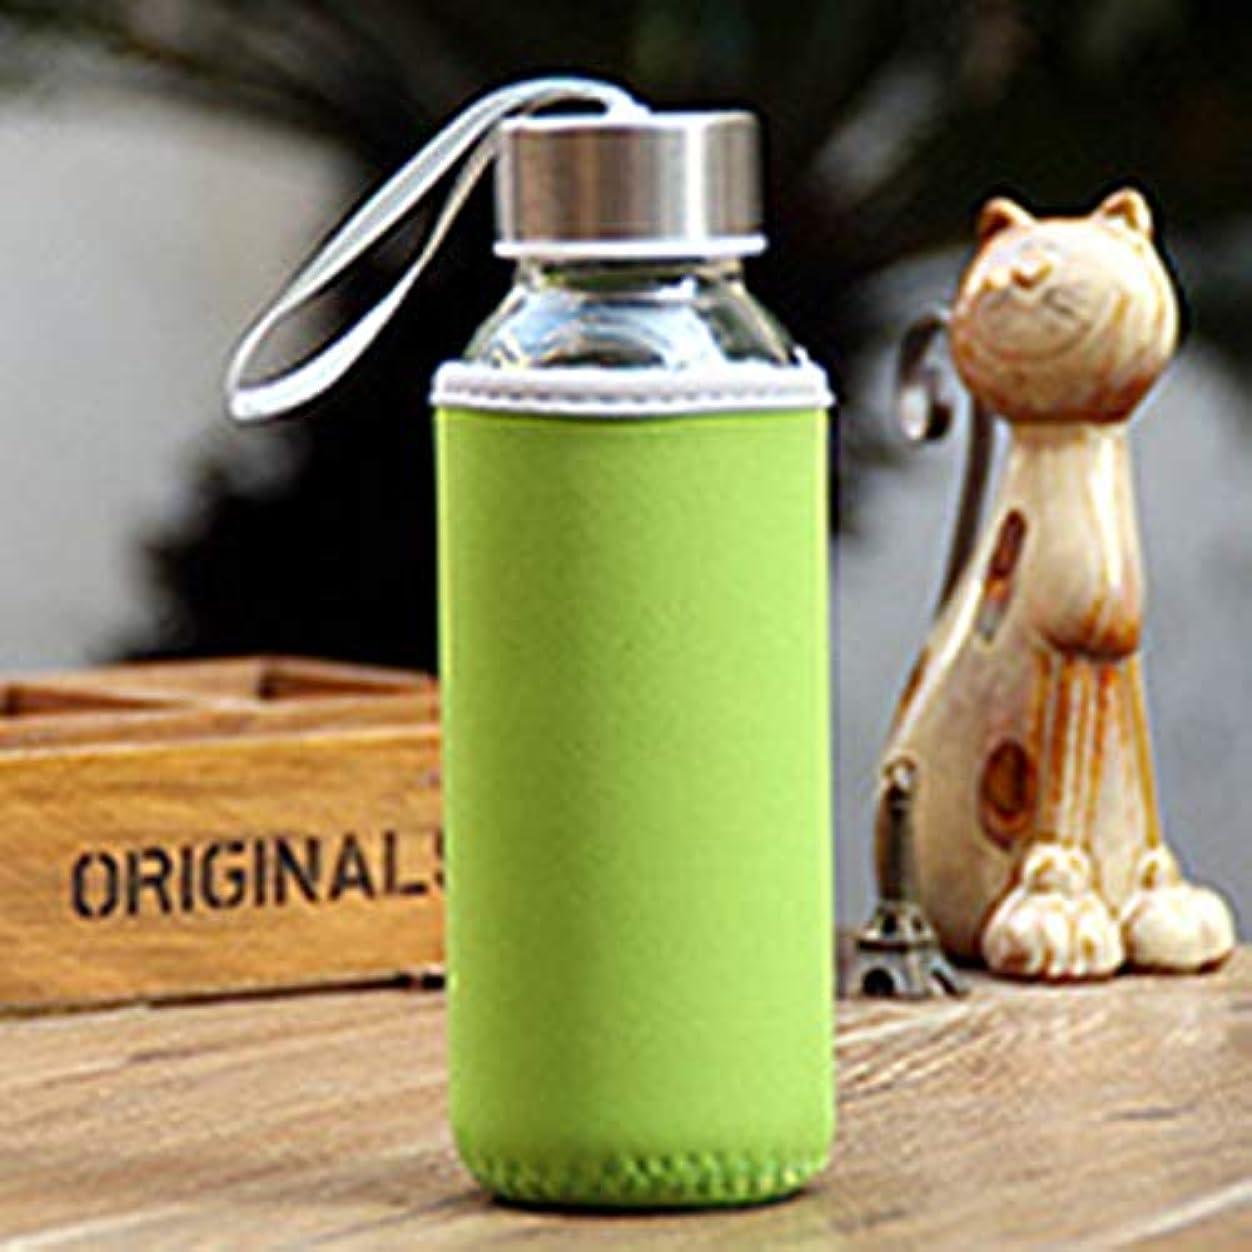 彫刻マカダム最適300mlガラス製飲用ボトルホウケイ酸塩ガラス製水ボトル、布製カバーポーチポータブルトラベルドリンクボトル-グリーン